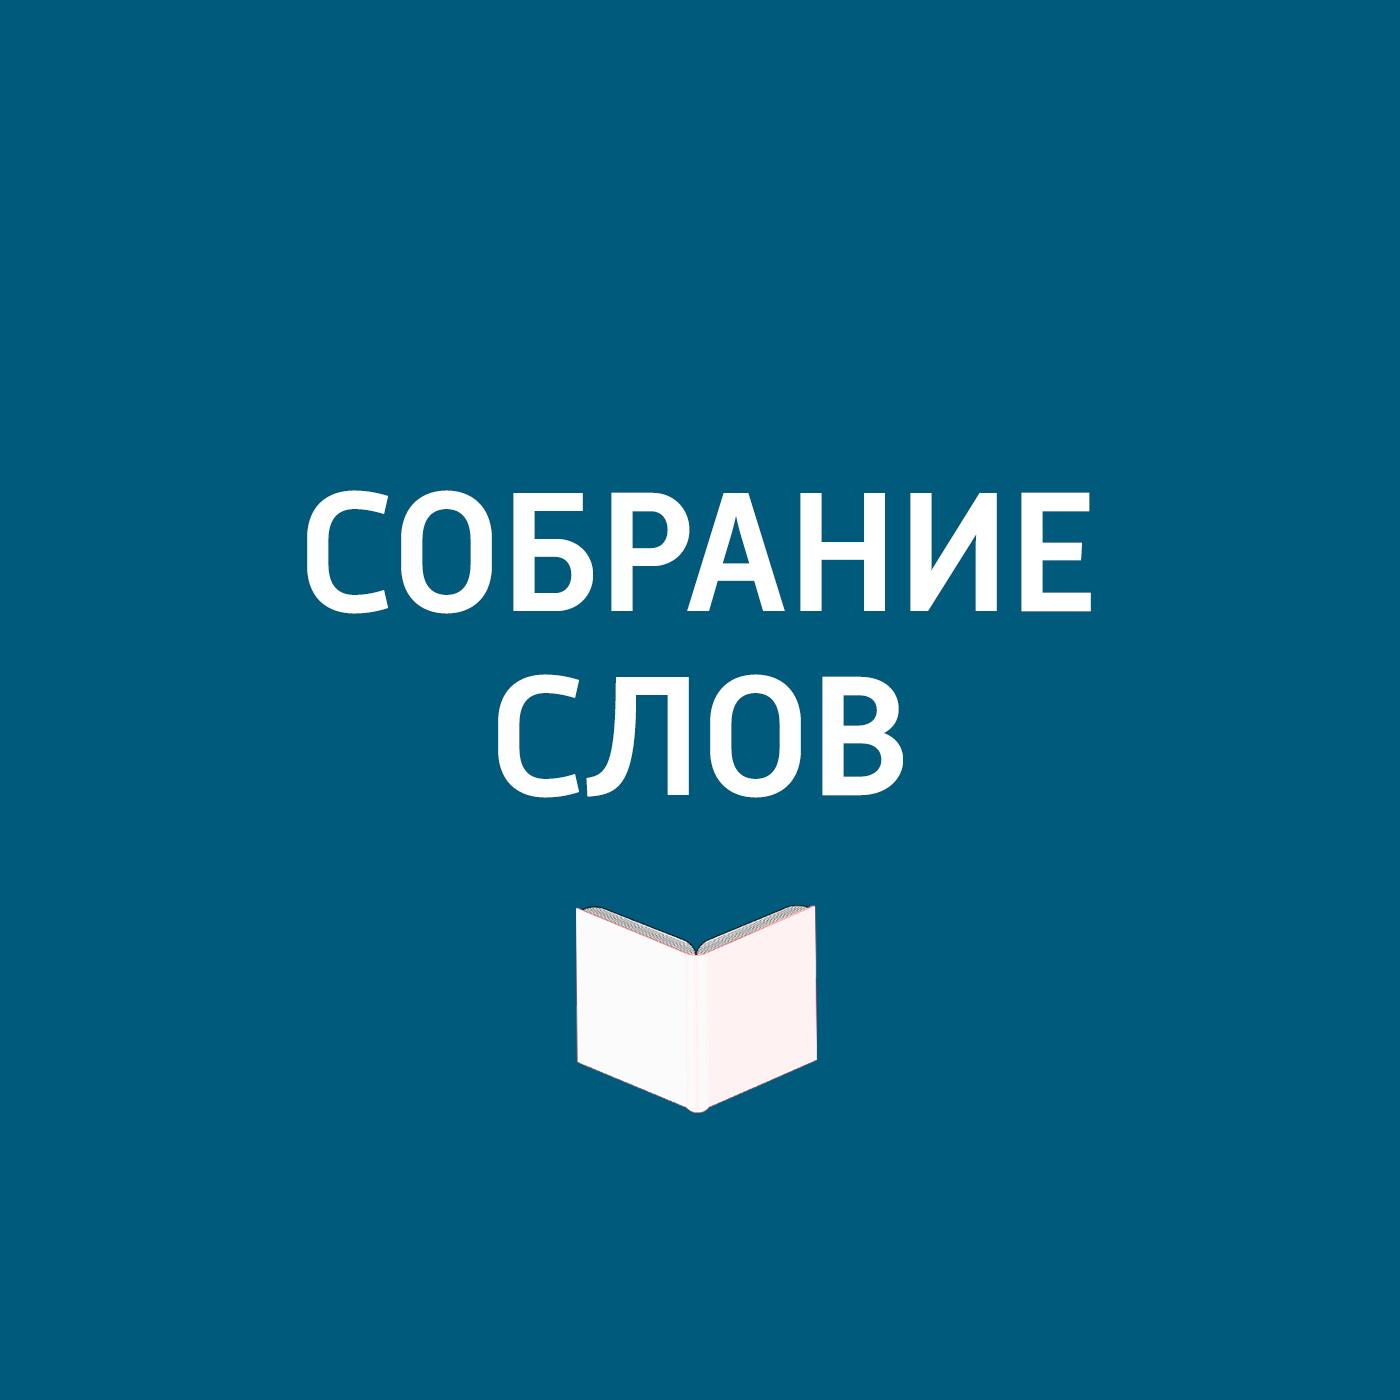 Большое интервью режиссера Константина Богомолова